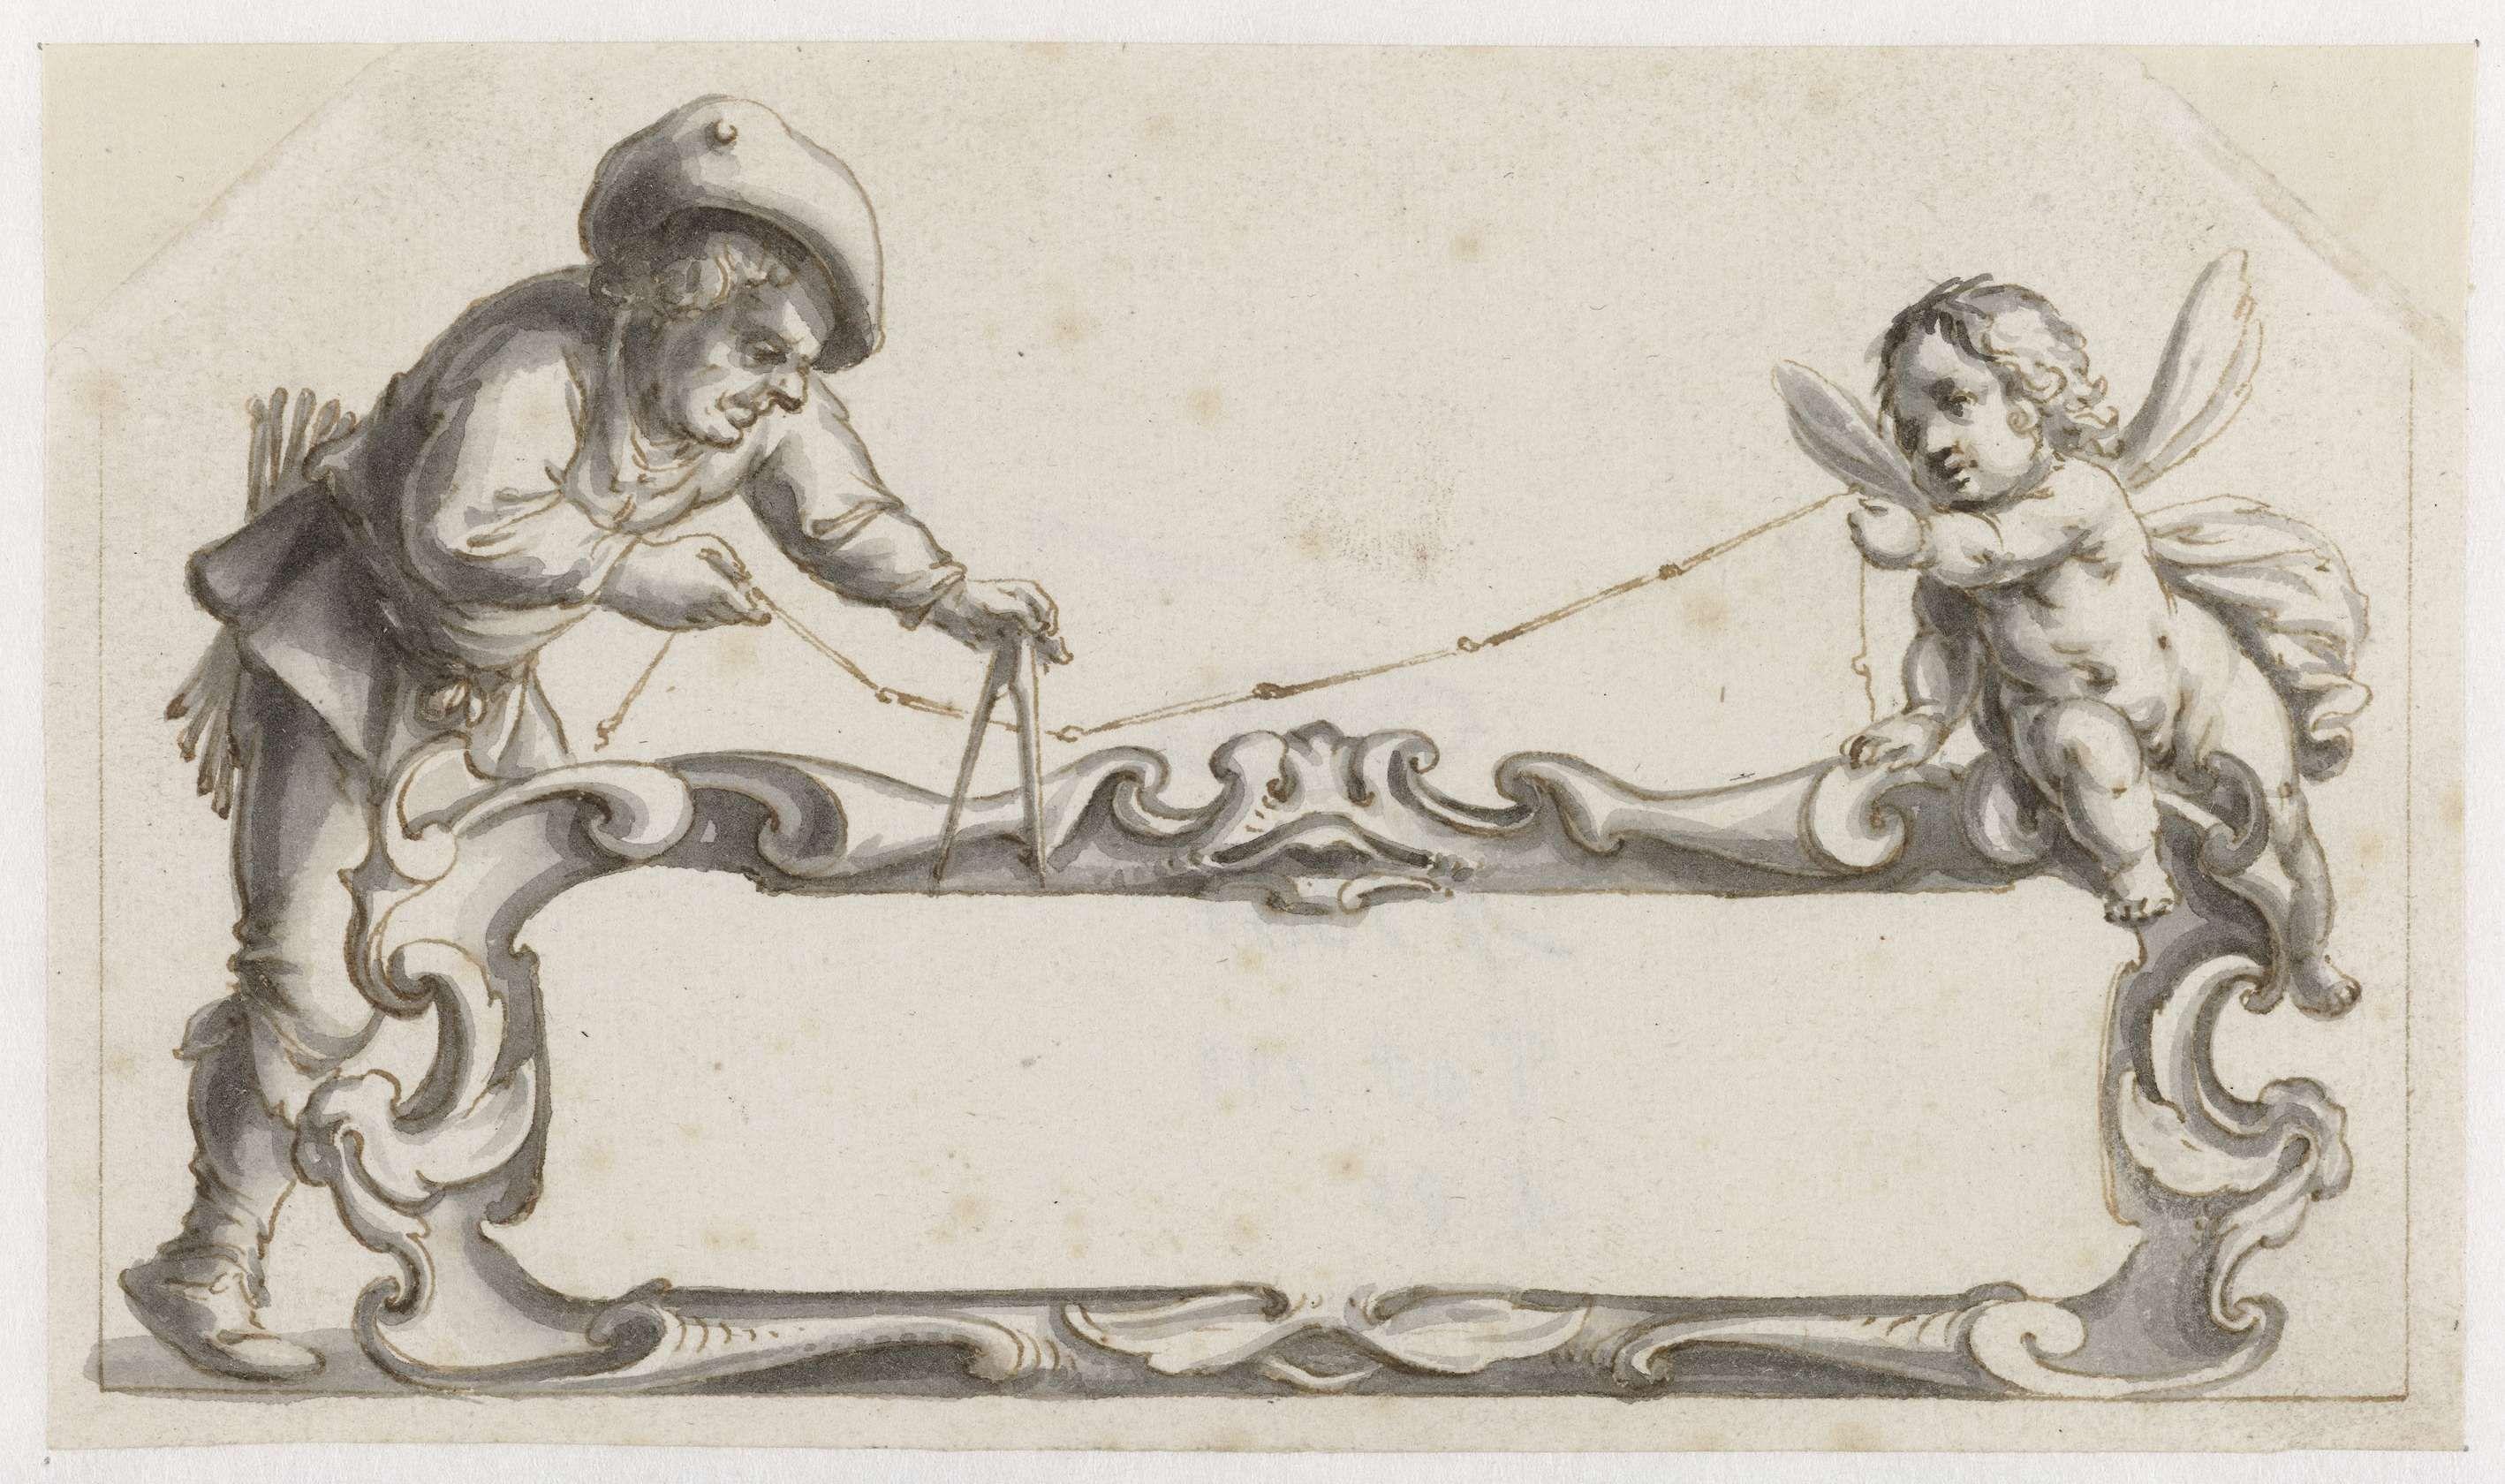 Pieter Jansz | Cartouche omgeven door een man en een putto, Pieter Jansz, 1657 - 1662 | Cartouche omgeven door een man en een putto met een meetlint en een passer. Mogelijk ontwerp voor een prent.